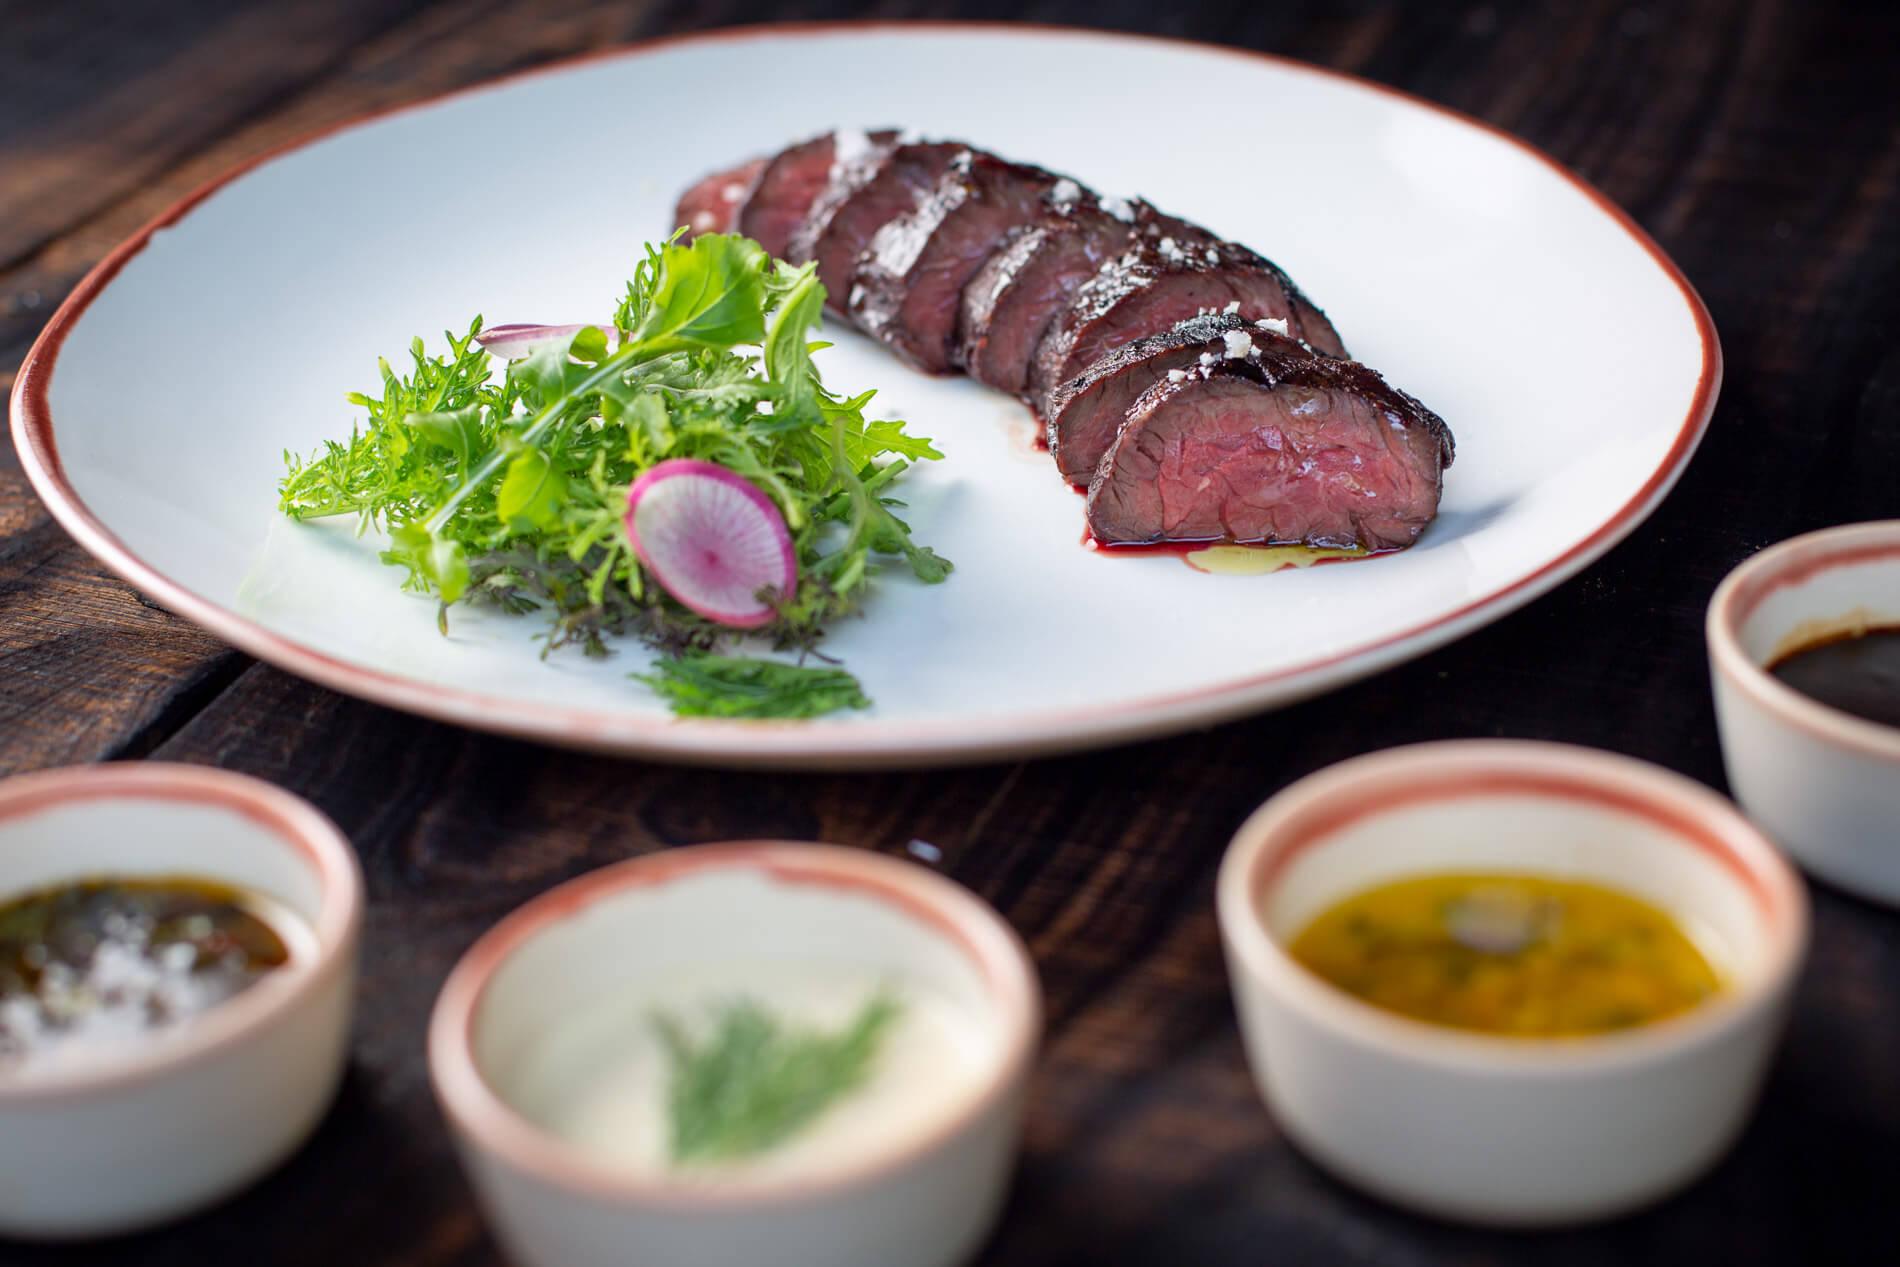 Premium steak and sauces